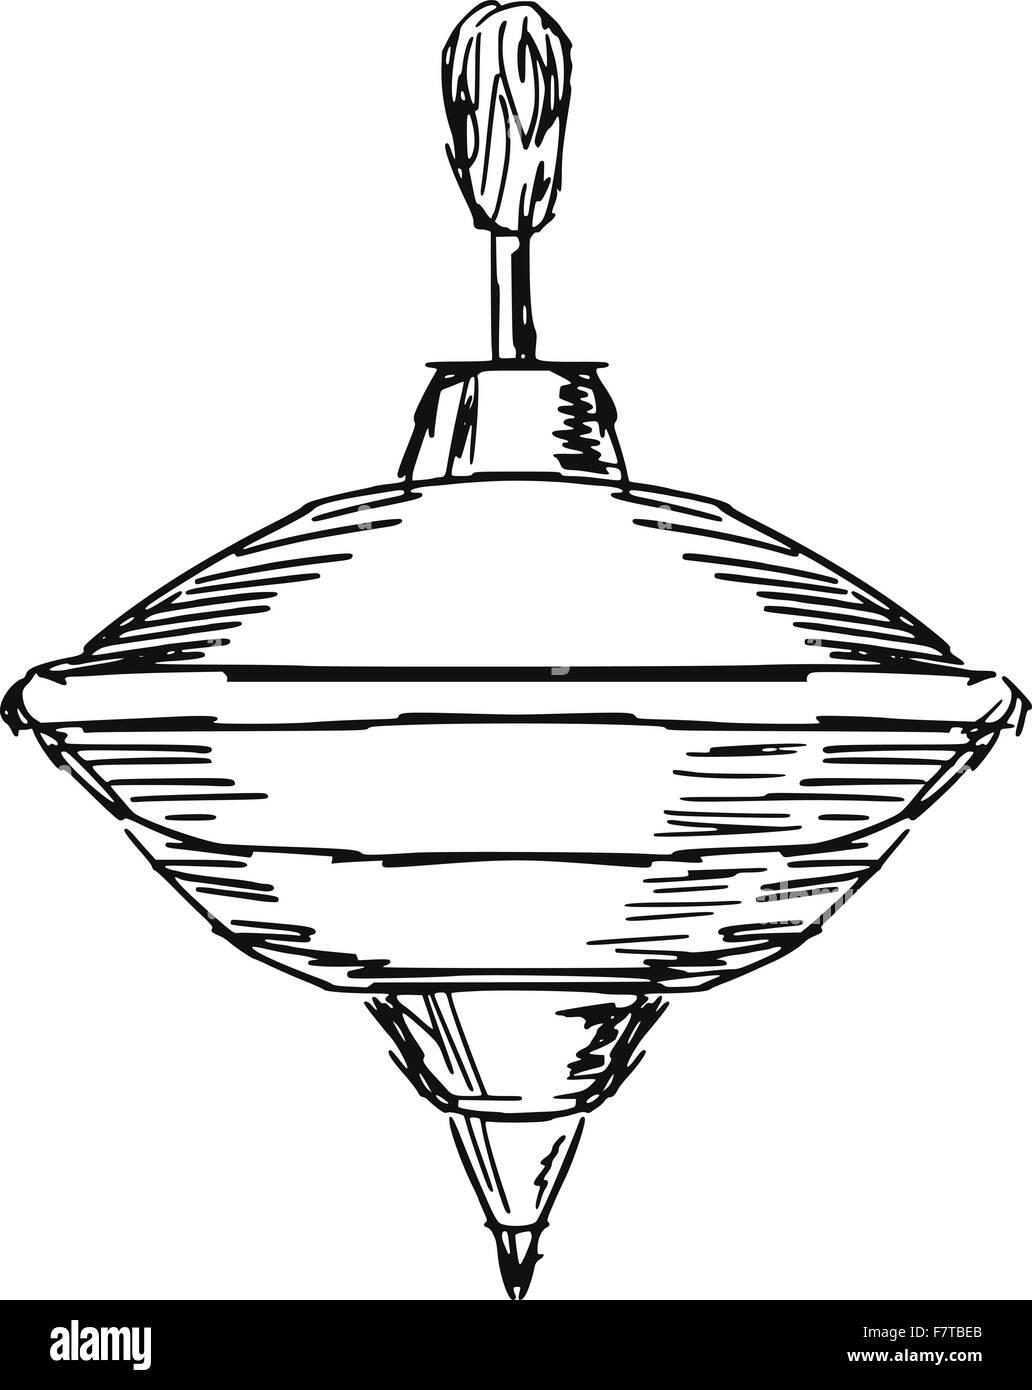 whirligig - Stock Image